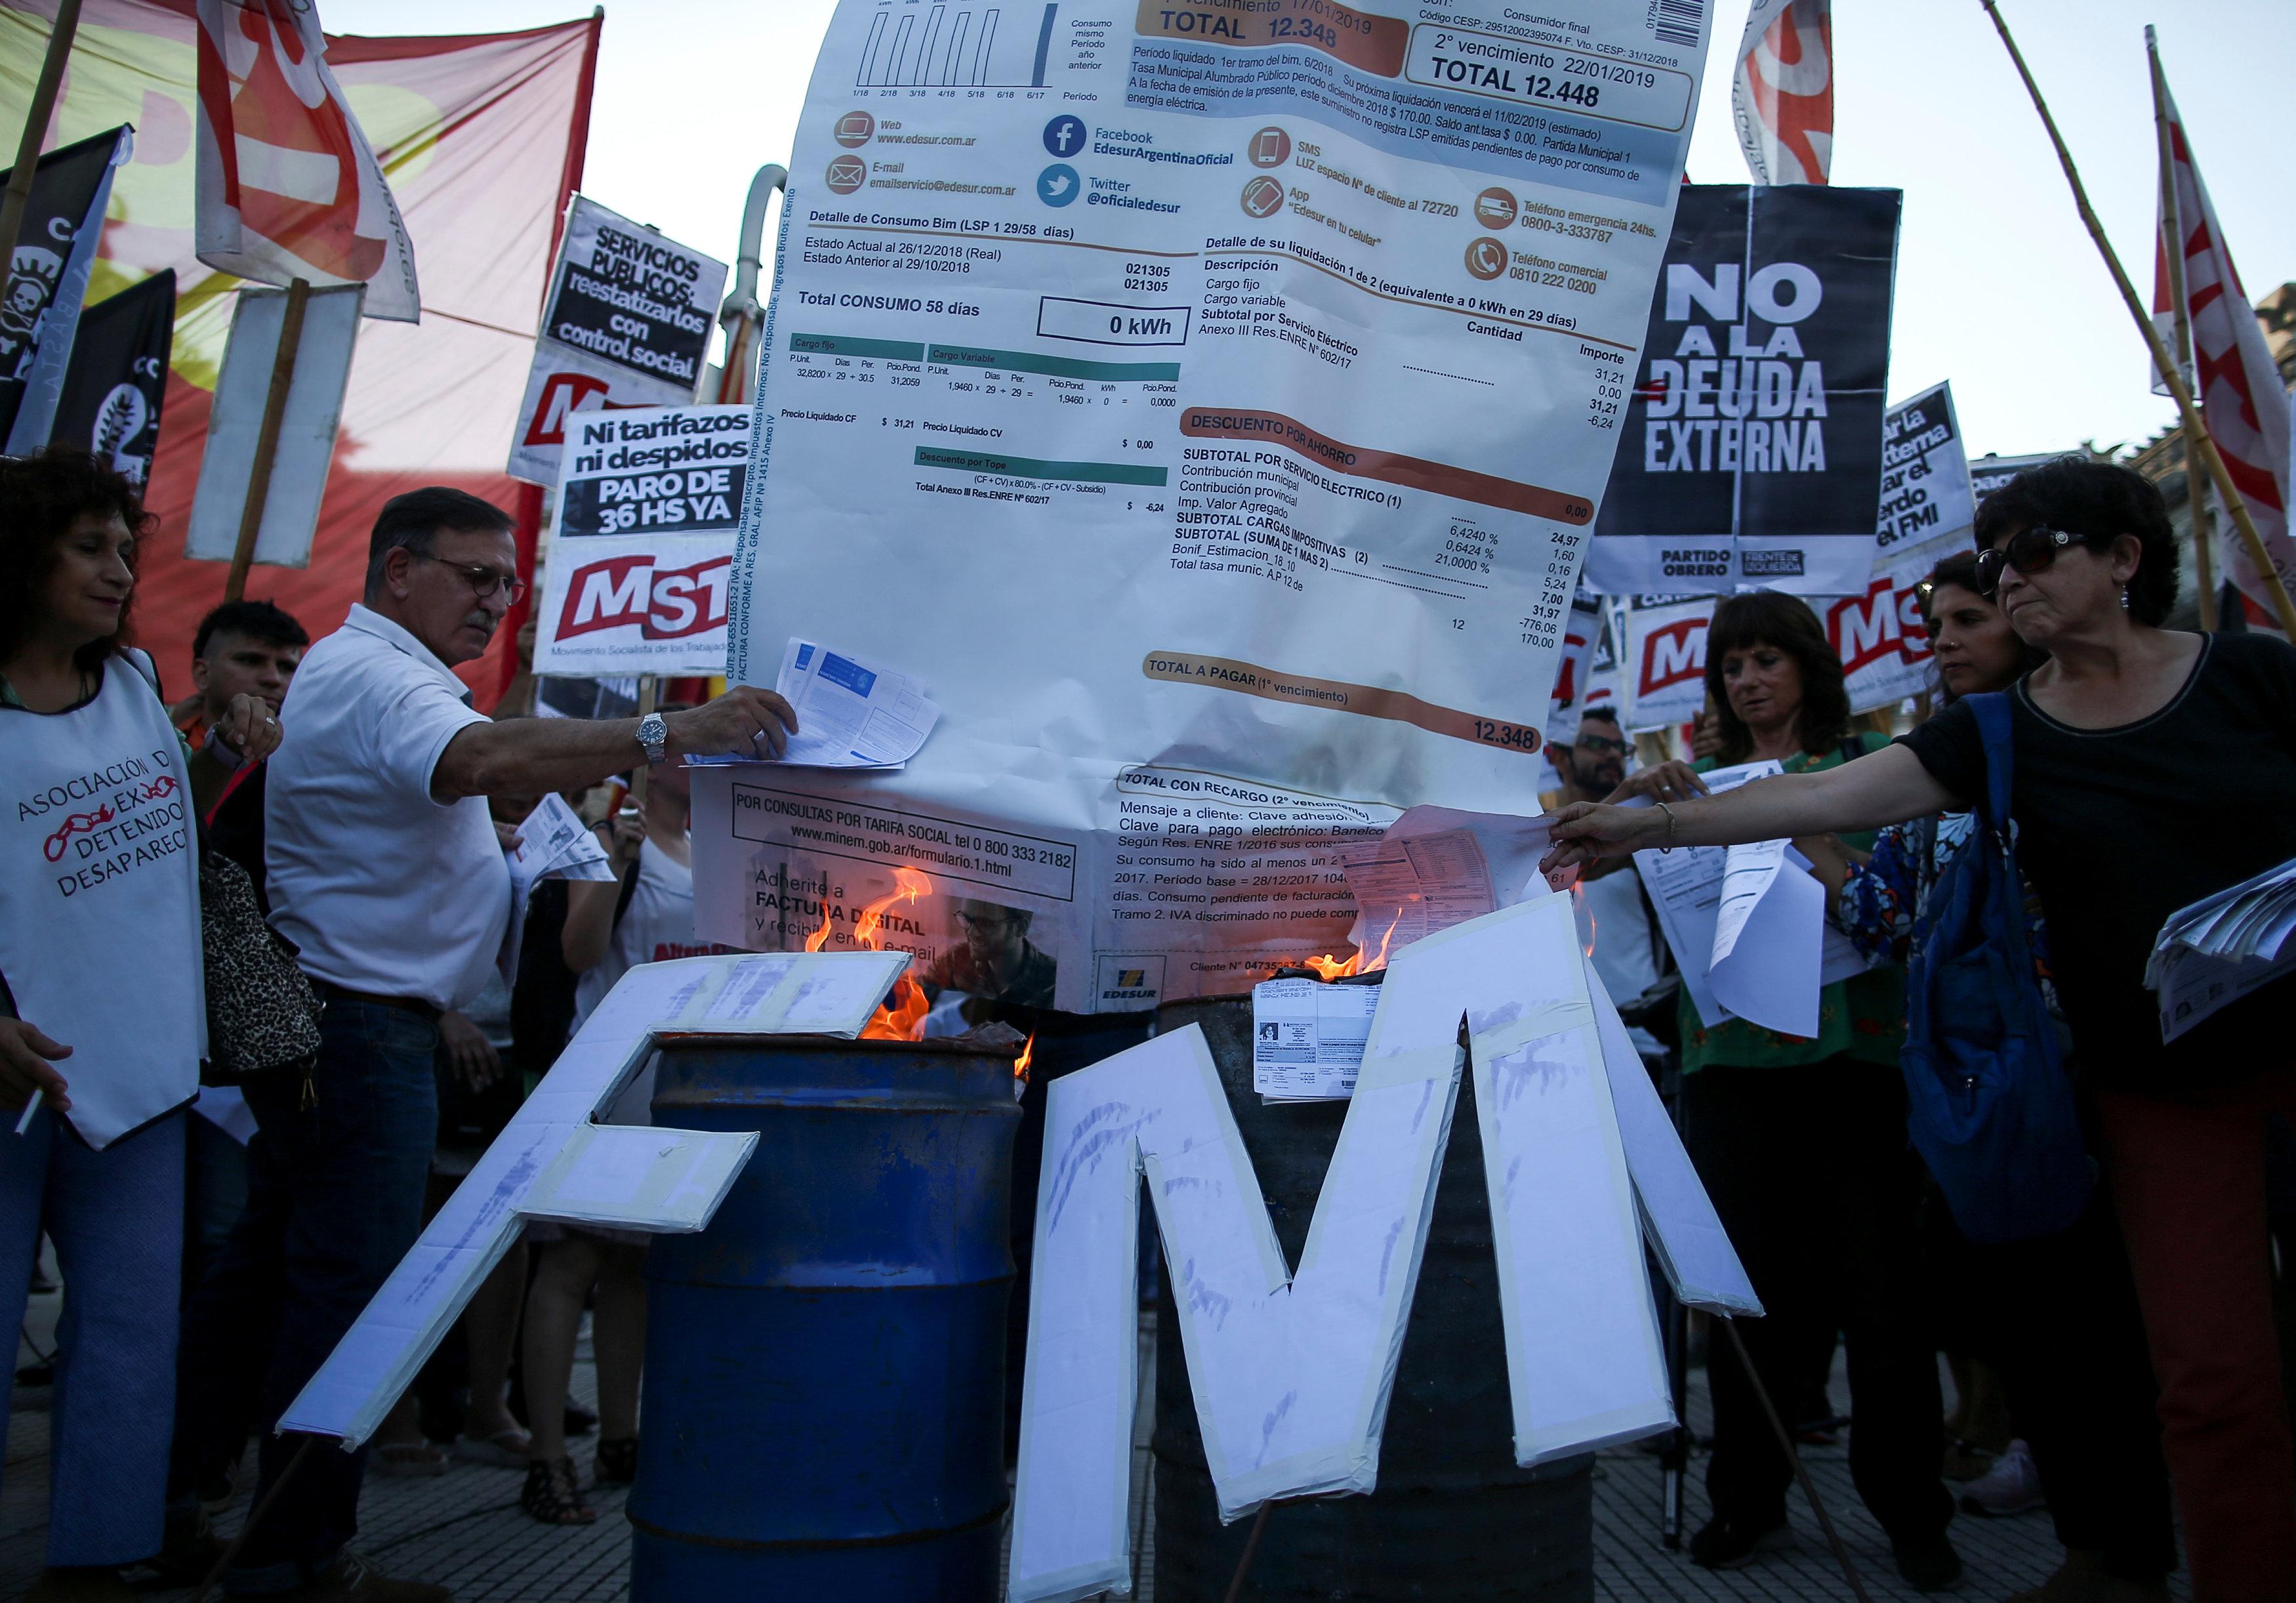 المتظاهرون يحرقون الفواتير أمام البرلمان الأرجنتينى